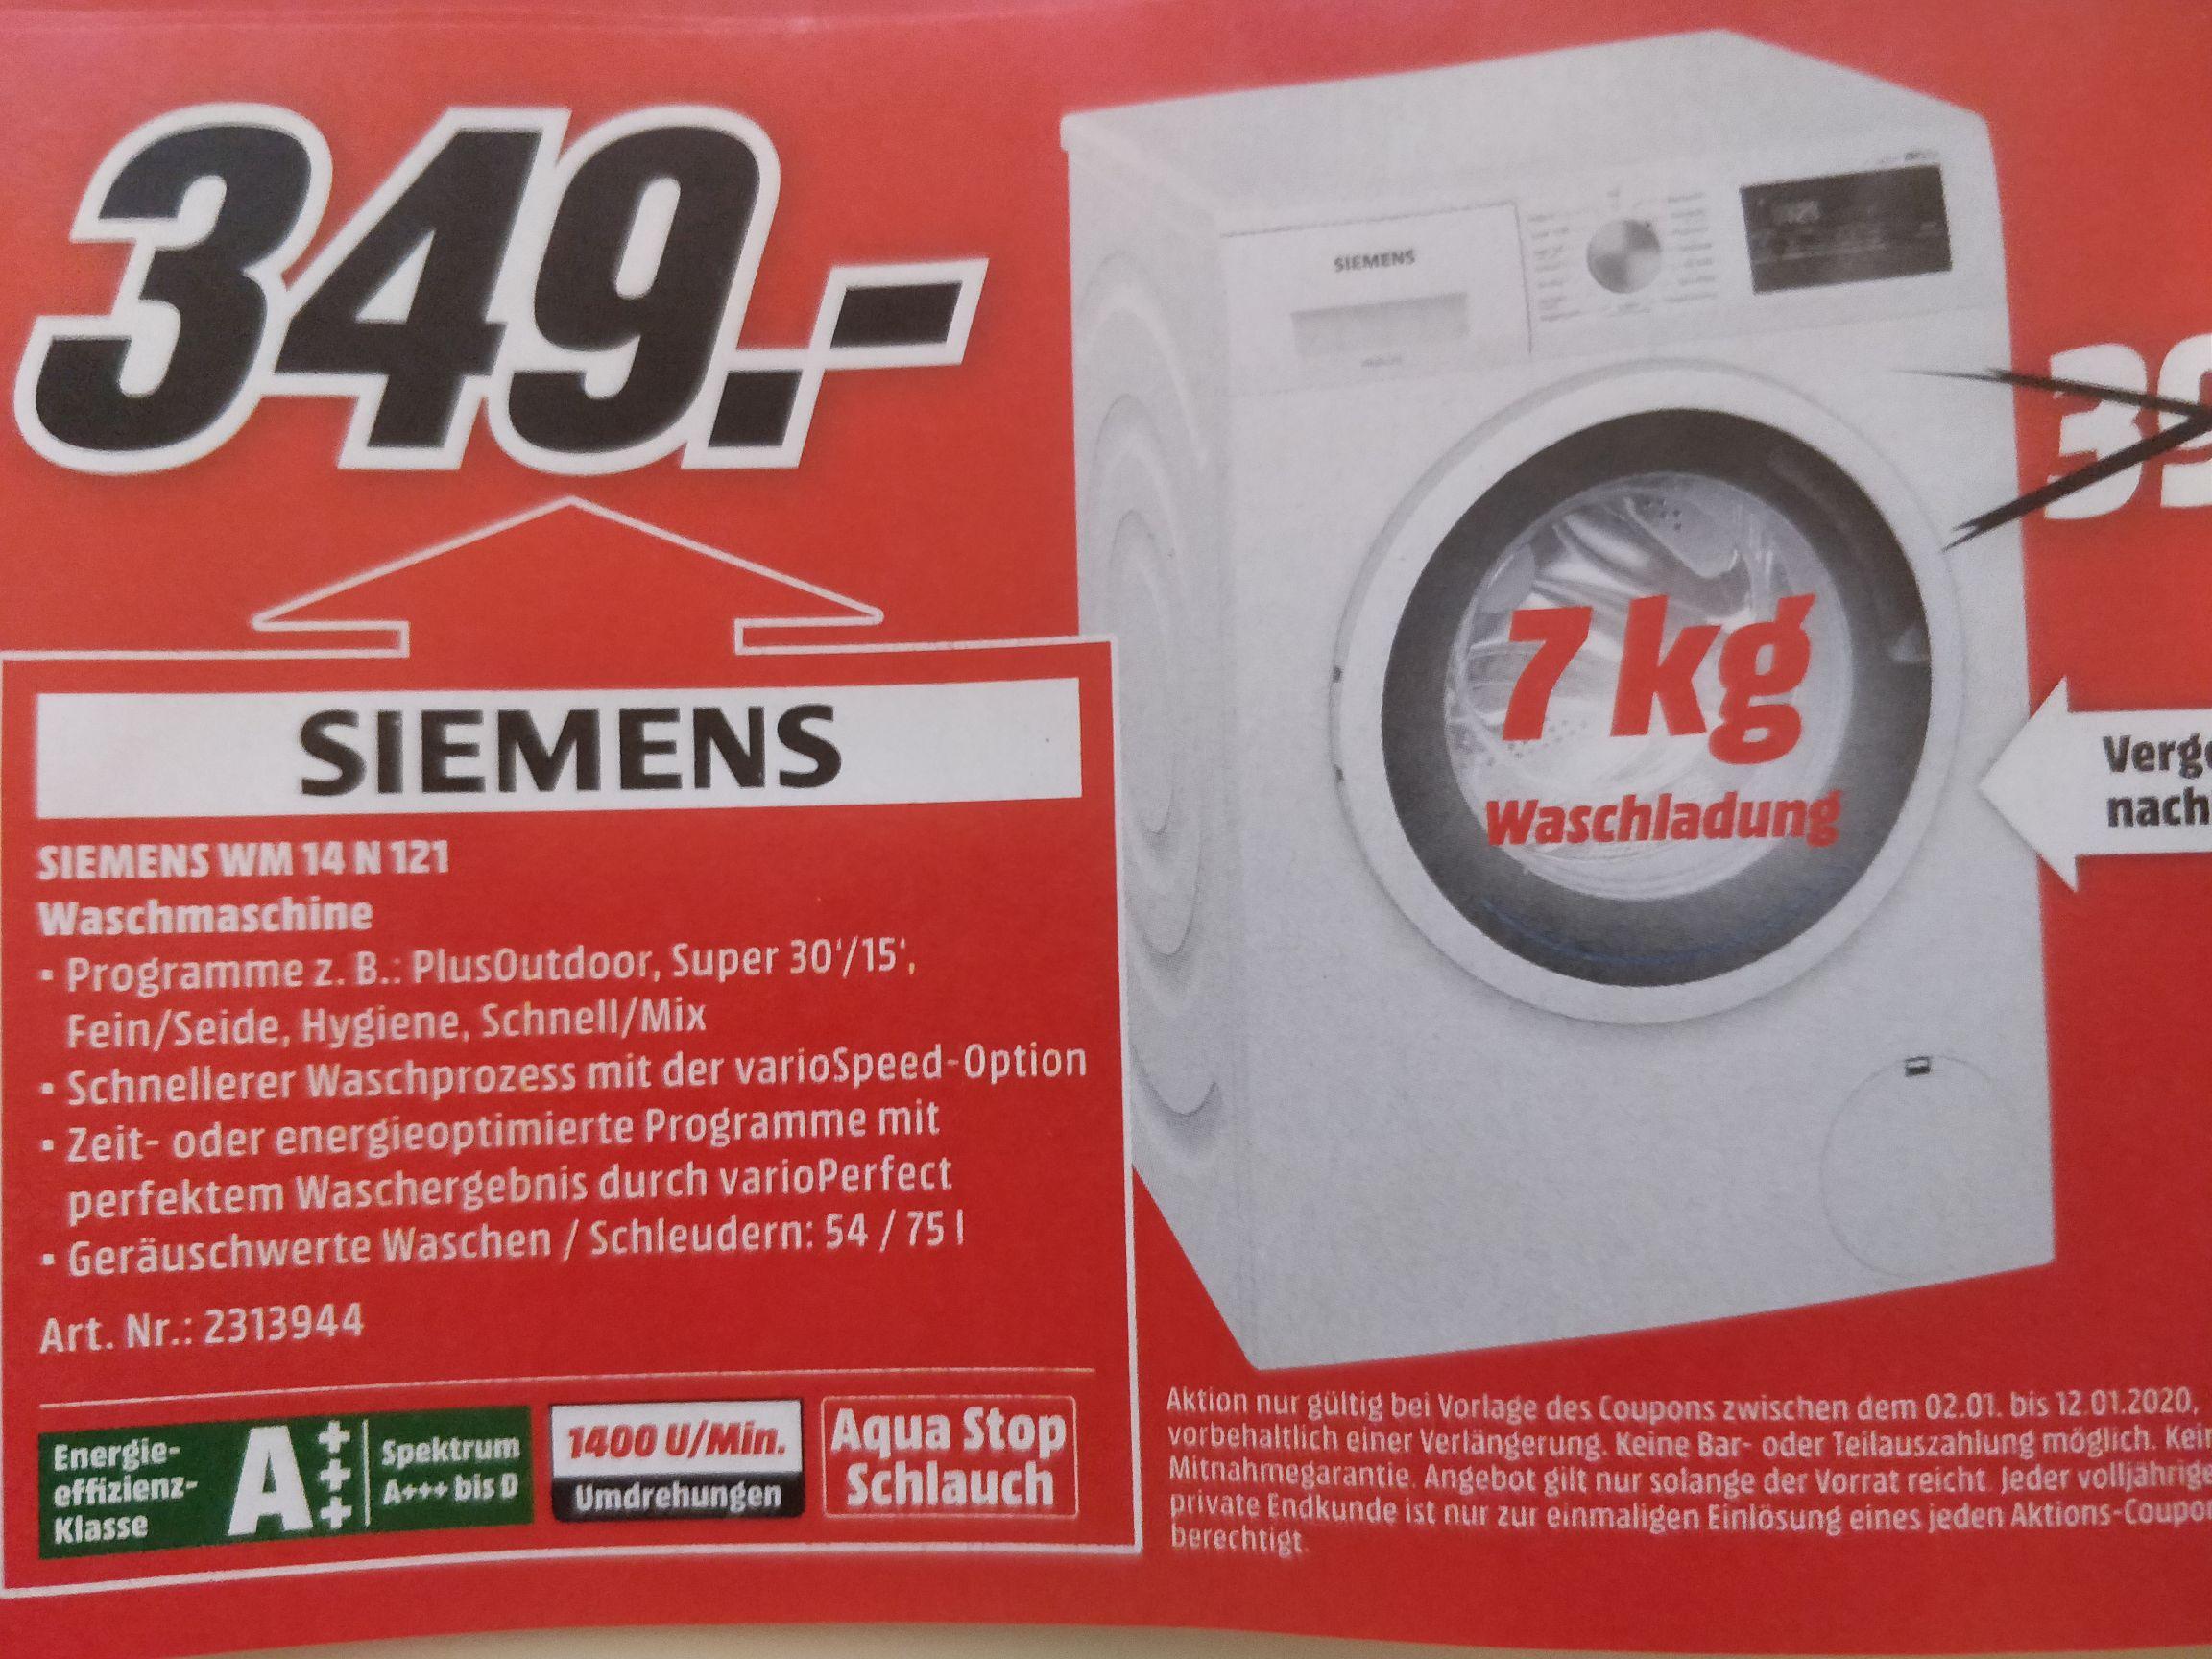 Siemens WM 14 N 121 7kg A+++ Waschmaschine